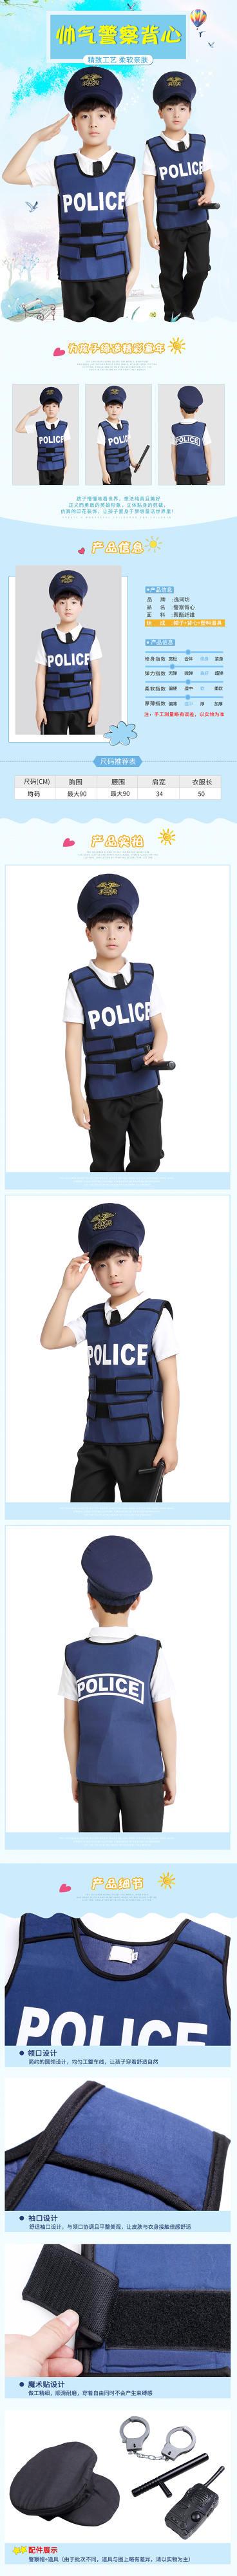 【淘寶設計】【商品詳情】警察服